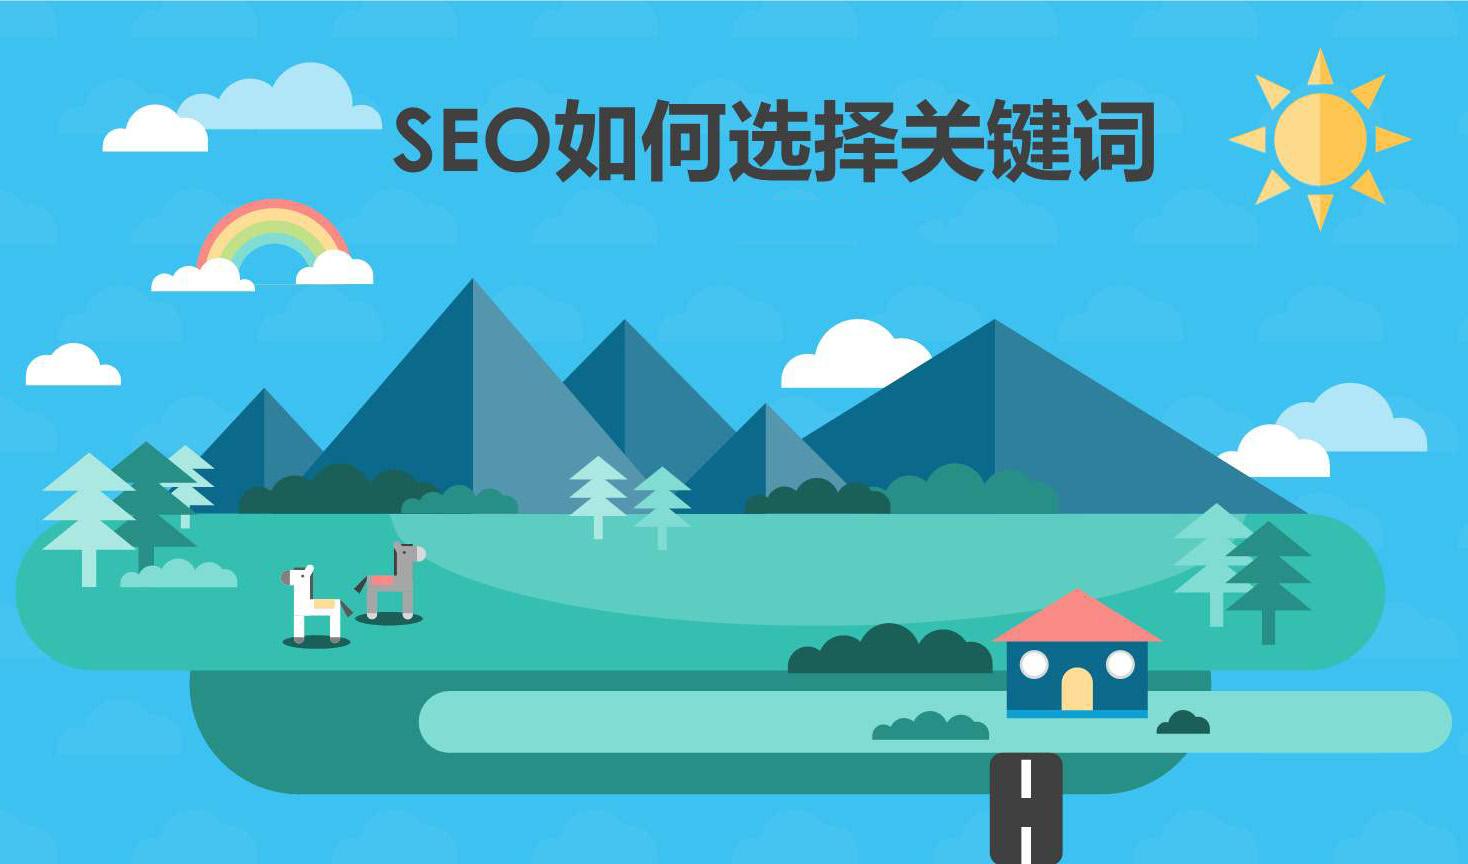 【东莞网络公司】SEO选择域名的方法